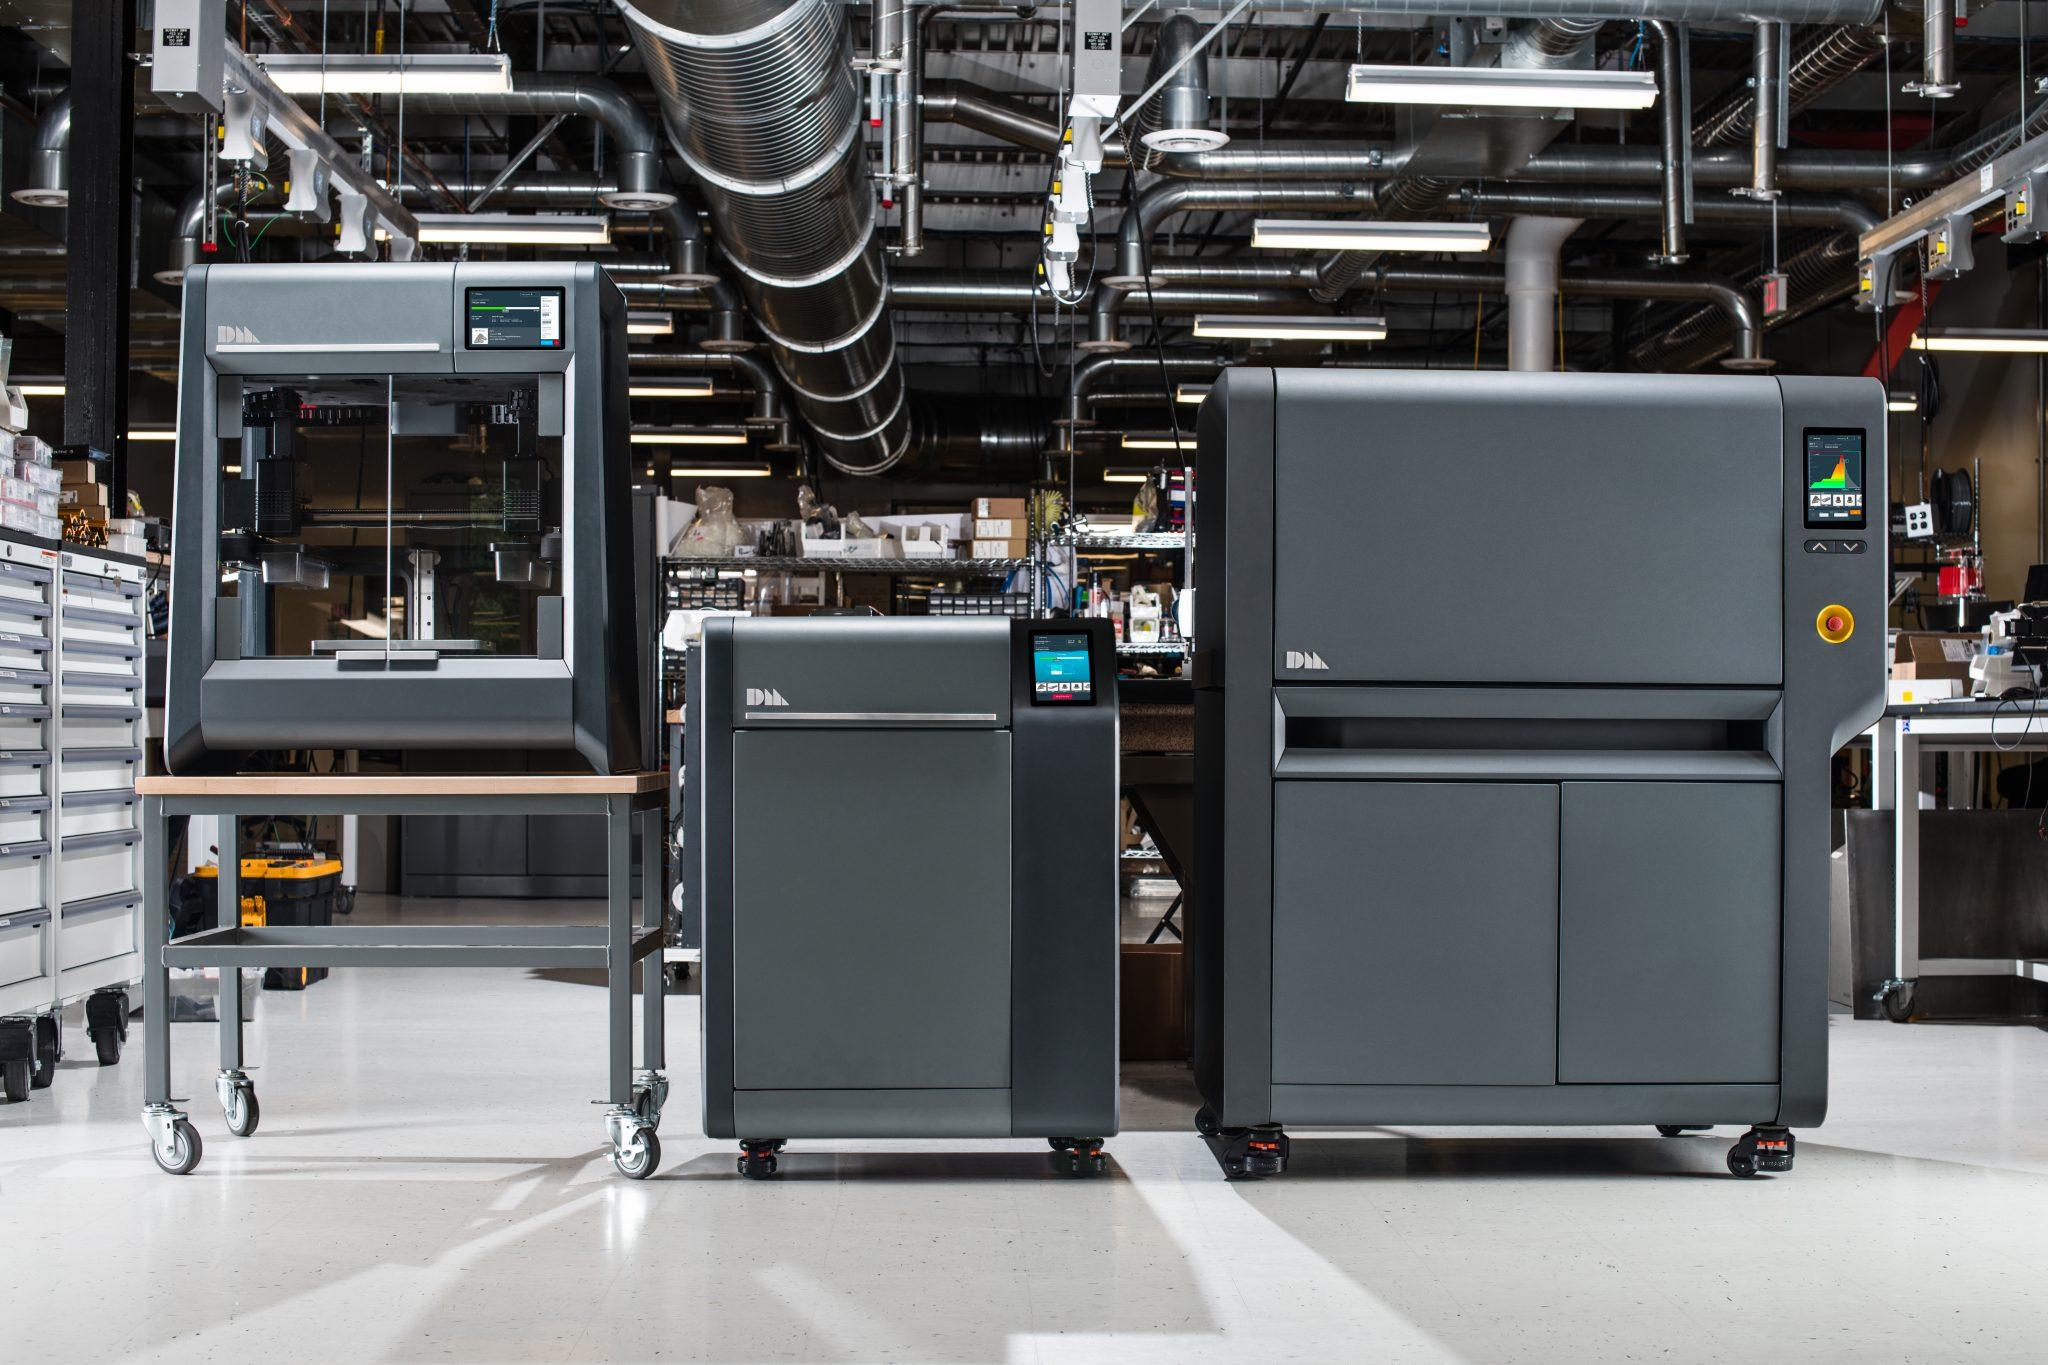 Desktop Desktop Metal's Studio System includes metal 3D printer, debinding station and furnace. Image via Desktop Metal.Metal's Studio System includes metal 3D printer, debinding station and furnace. Image via Desktop Metals.